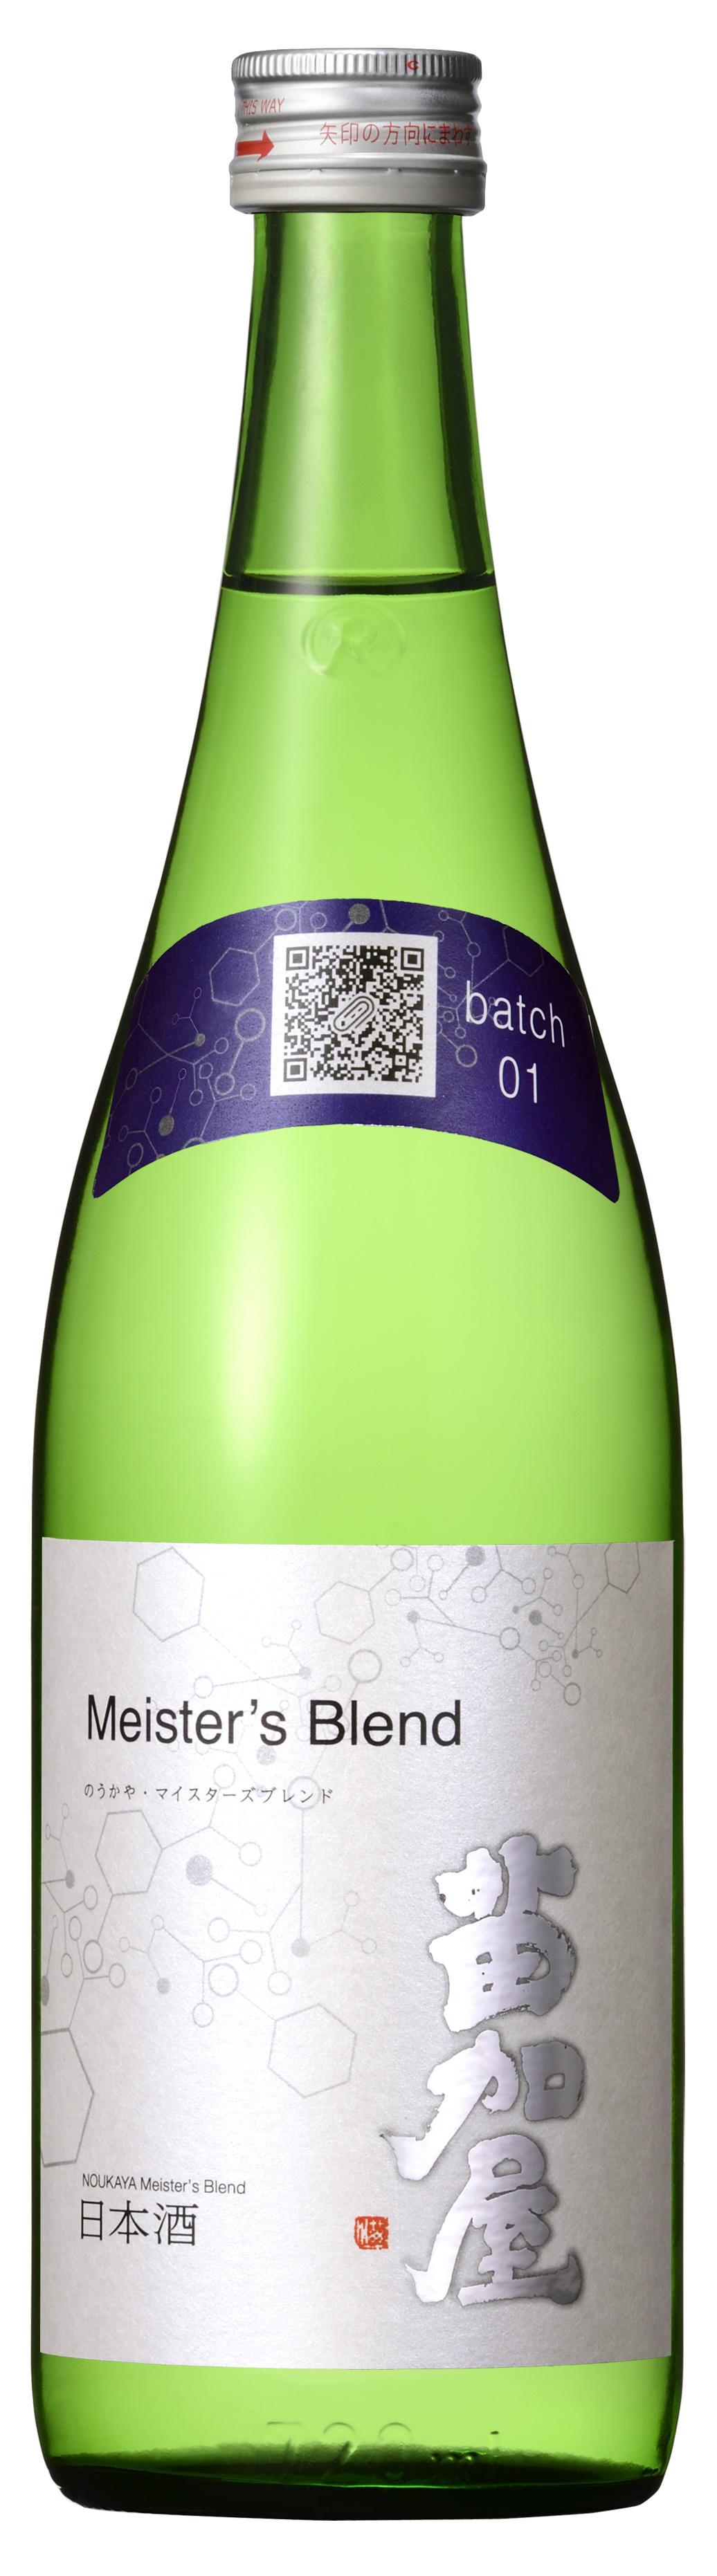 """""""味わいの黄金比を求めて。"""" 若き調合師がアッサンブラージュした日本酒「苗加屋(のうかや)Meister's Blend Batch.01(マイスターズ ブレンド バッチ01)」新発売"""